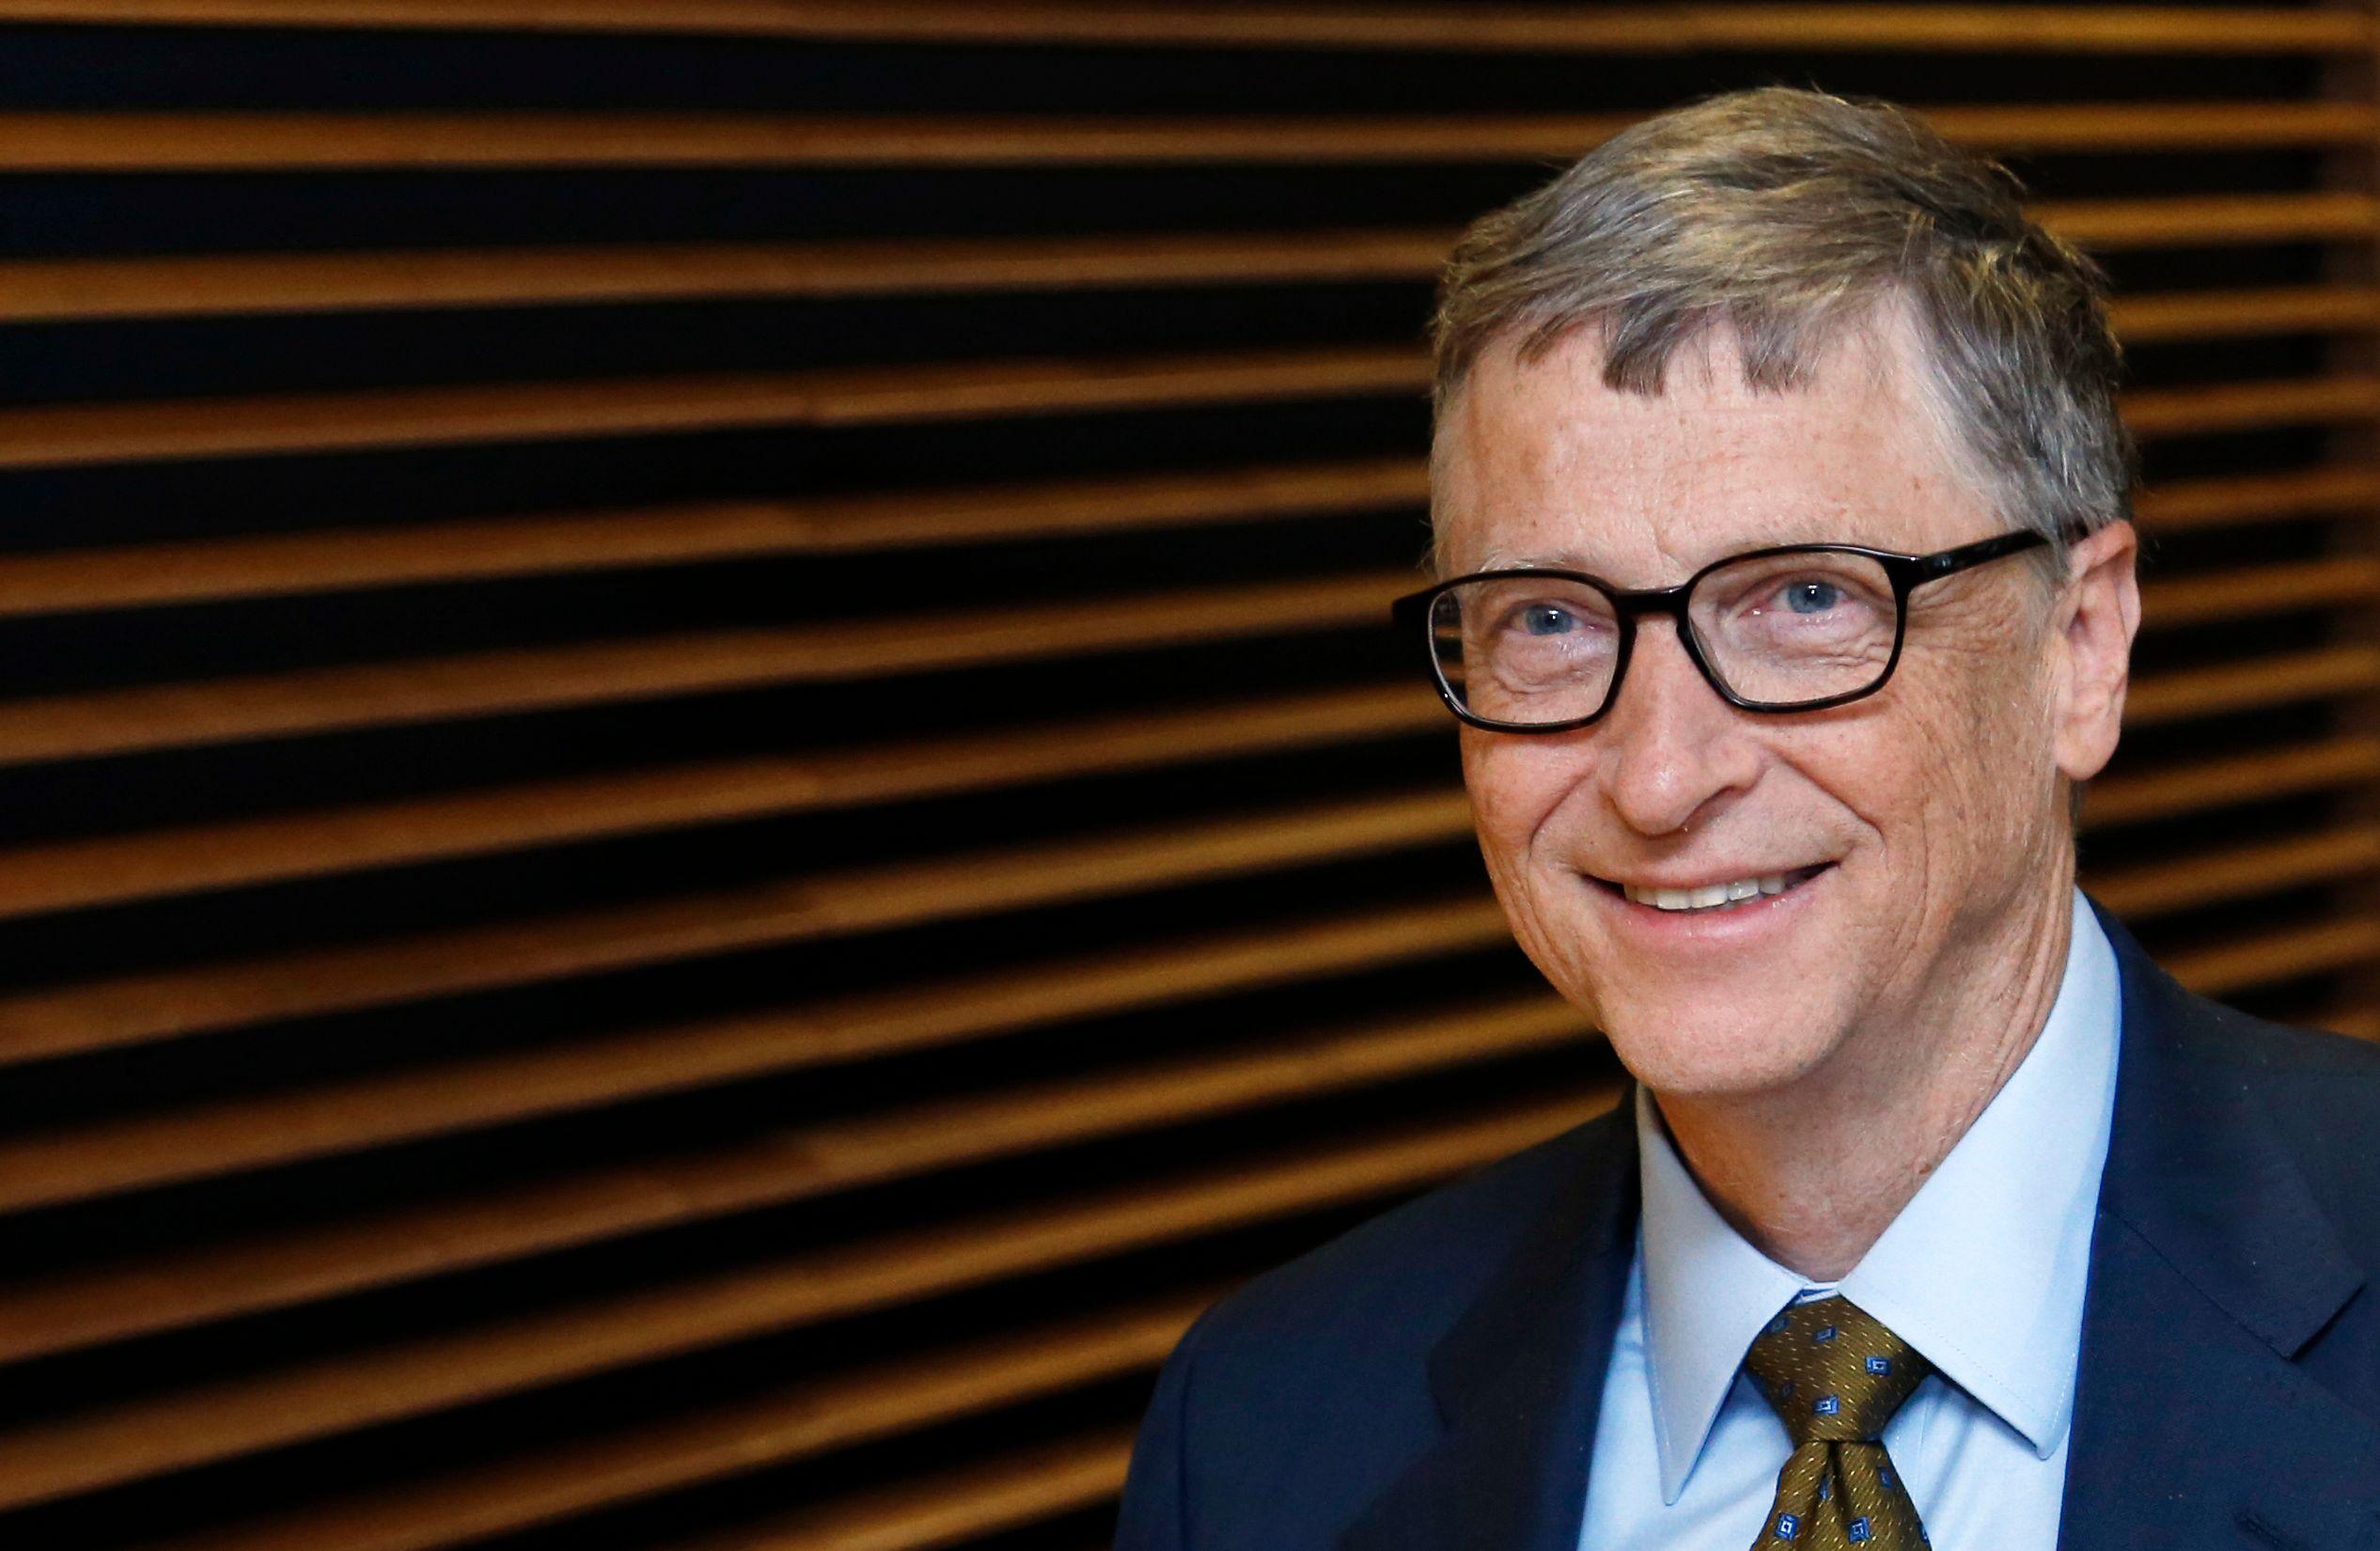 Pour la 22ème année consécutive, Bill Gates reste l'homme le plus riche des Etats-Unis